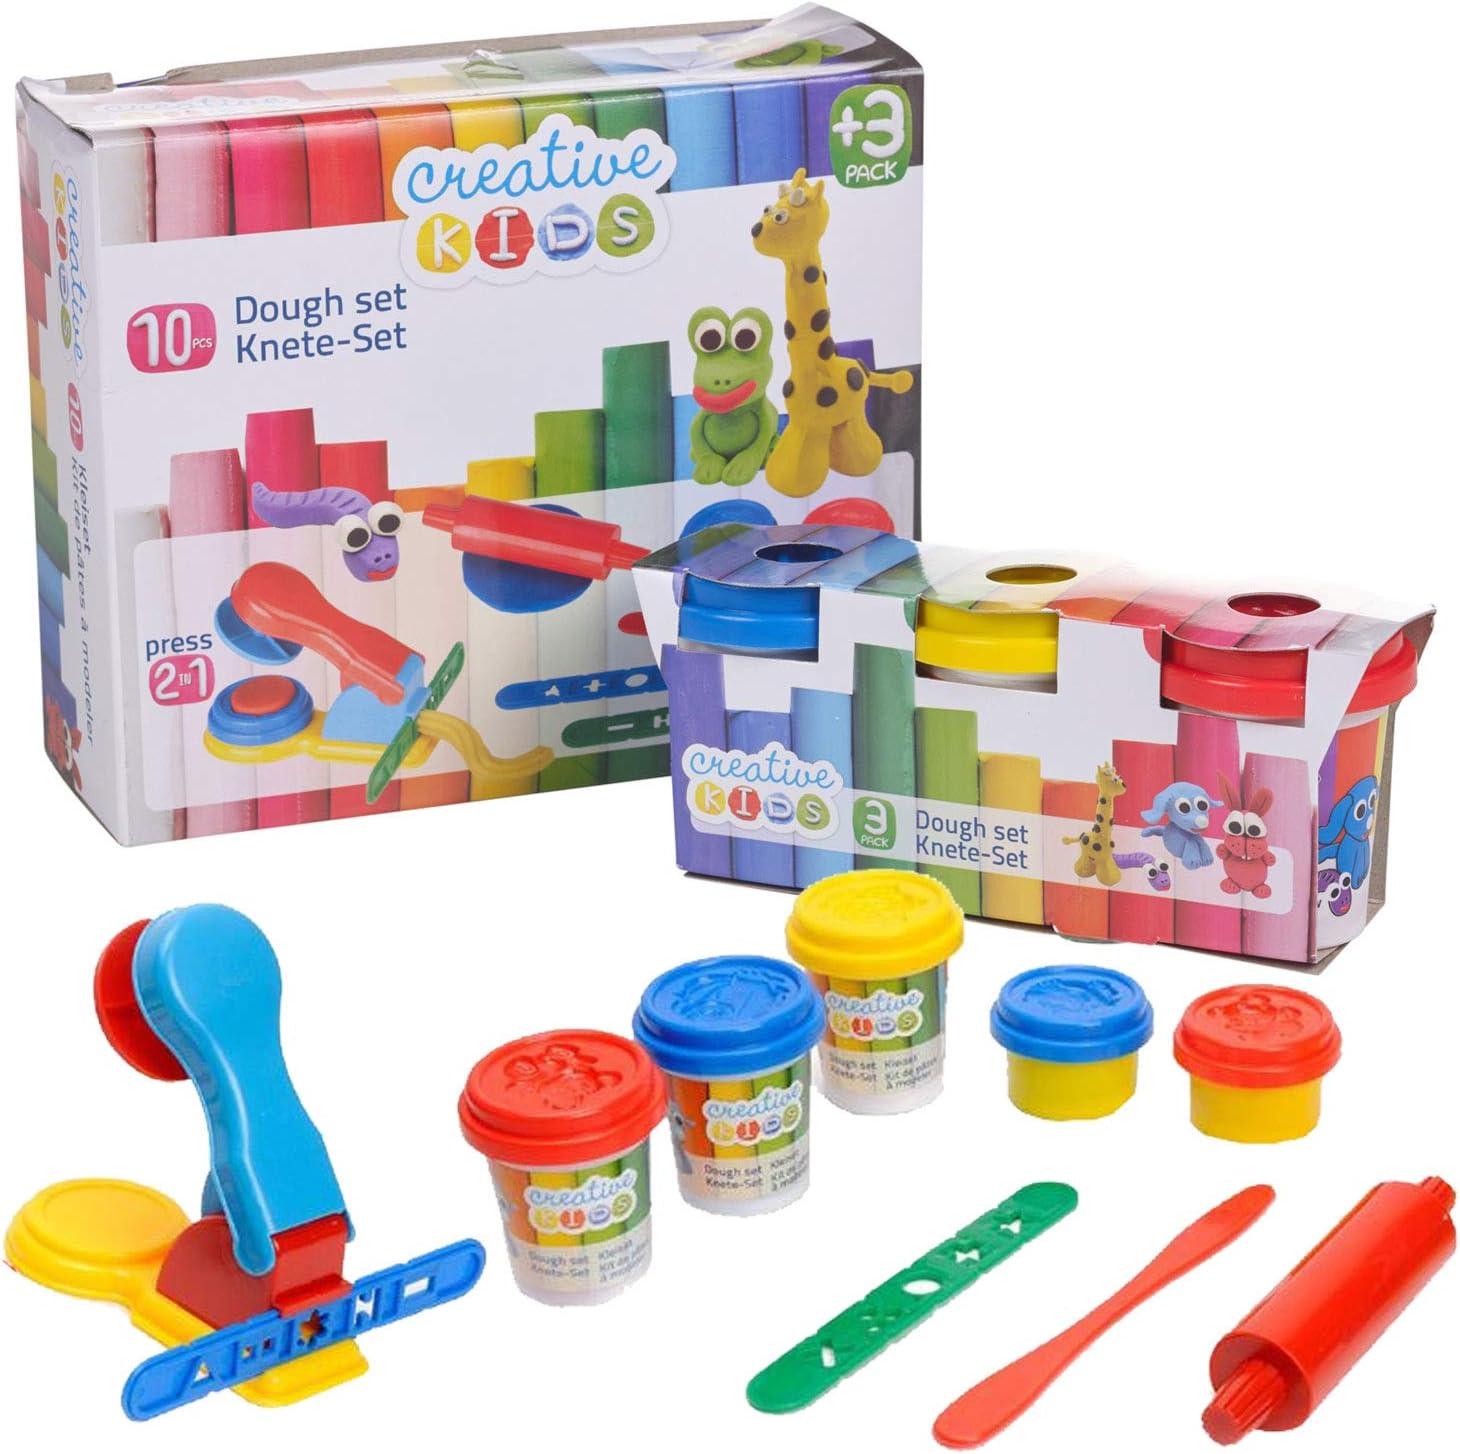 Plastilina Modellante Kit da 10 Pezzi Pasta Plastichina Play Dough con Accessori